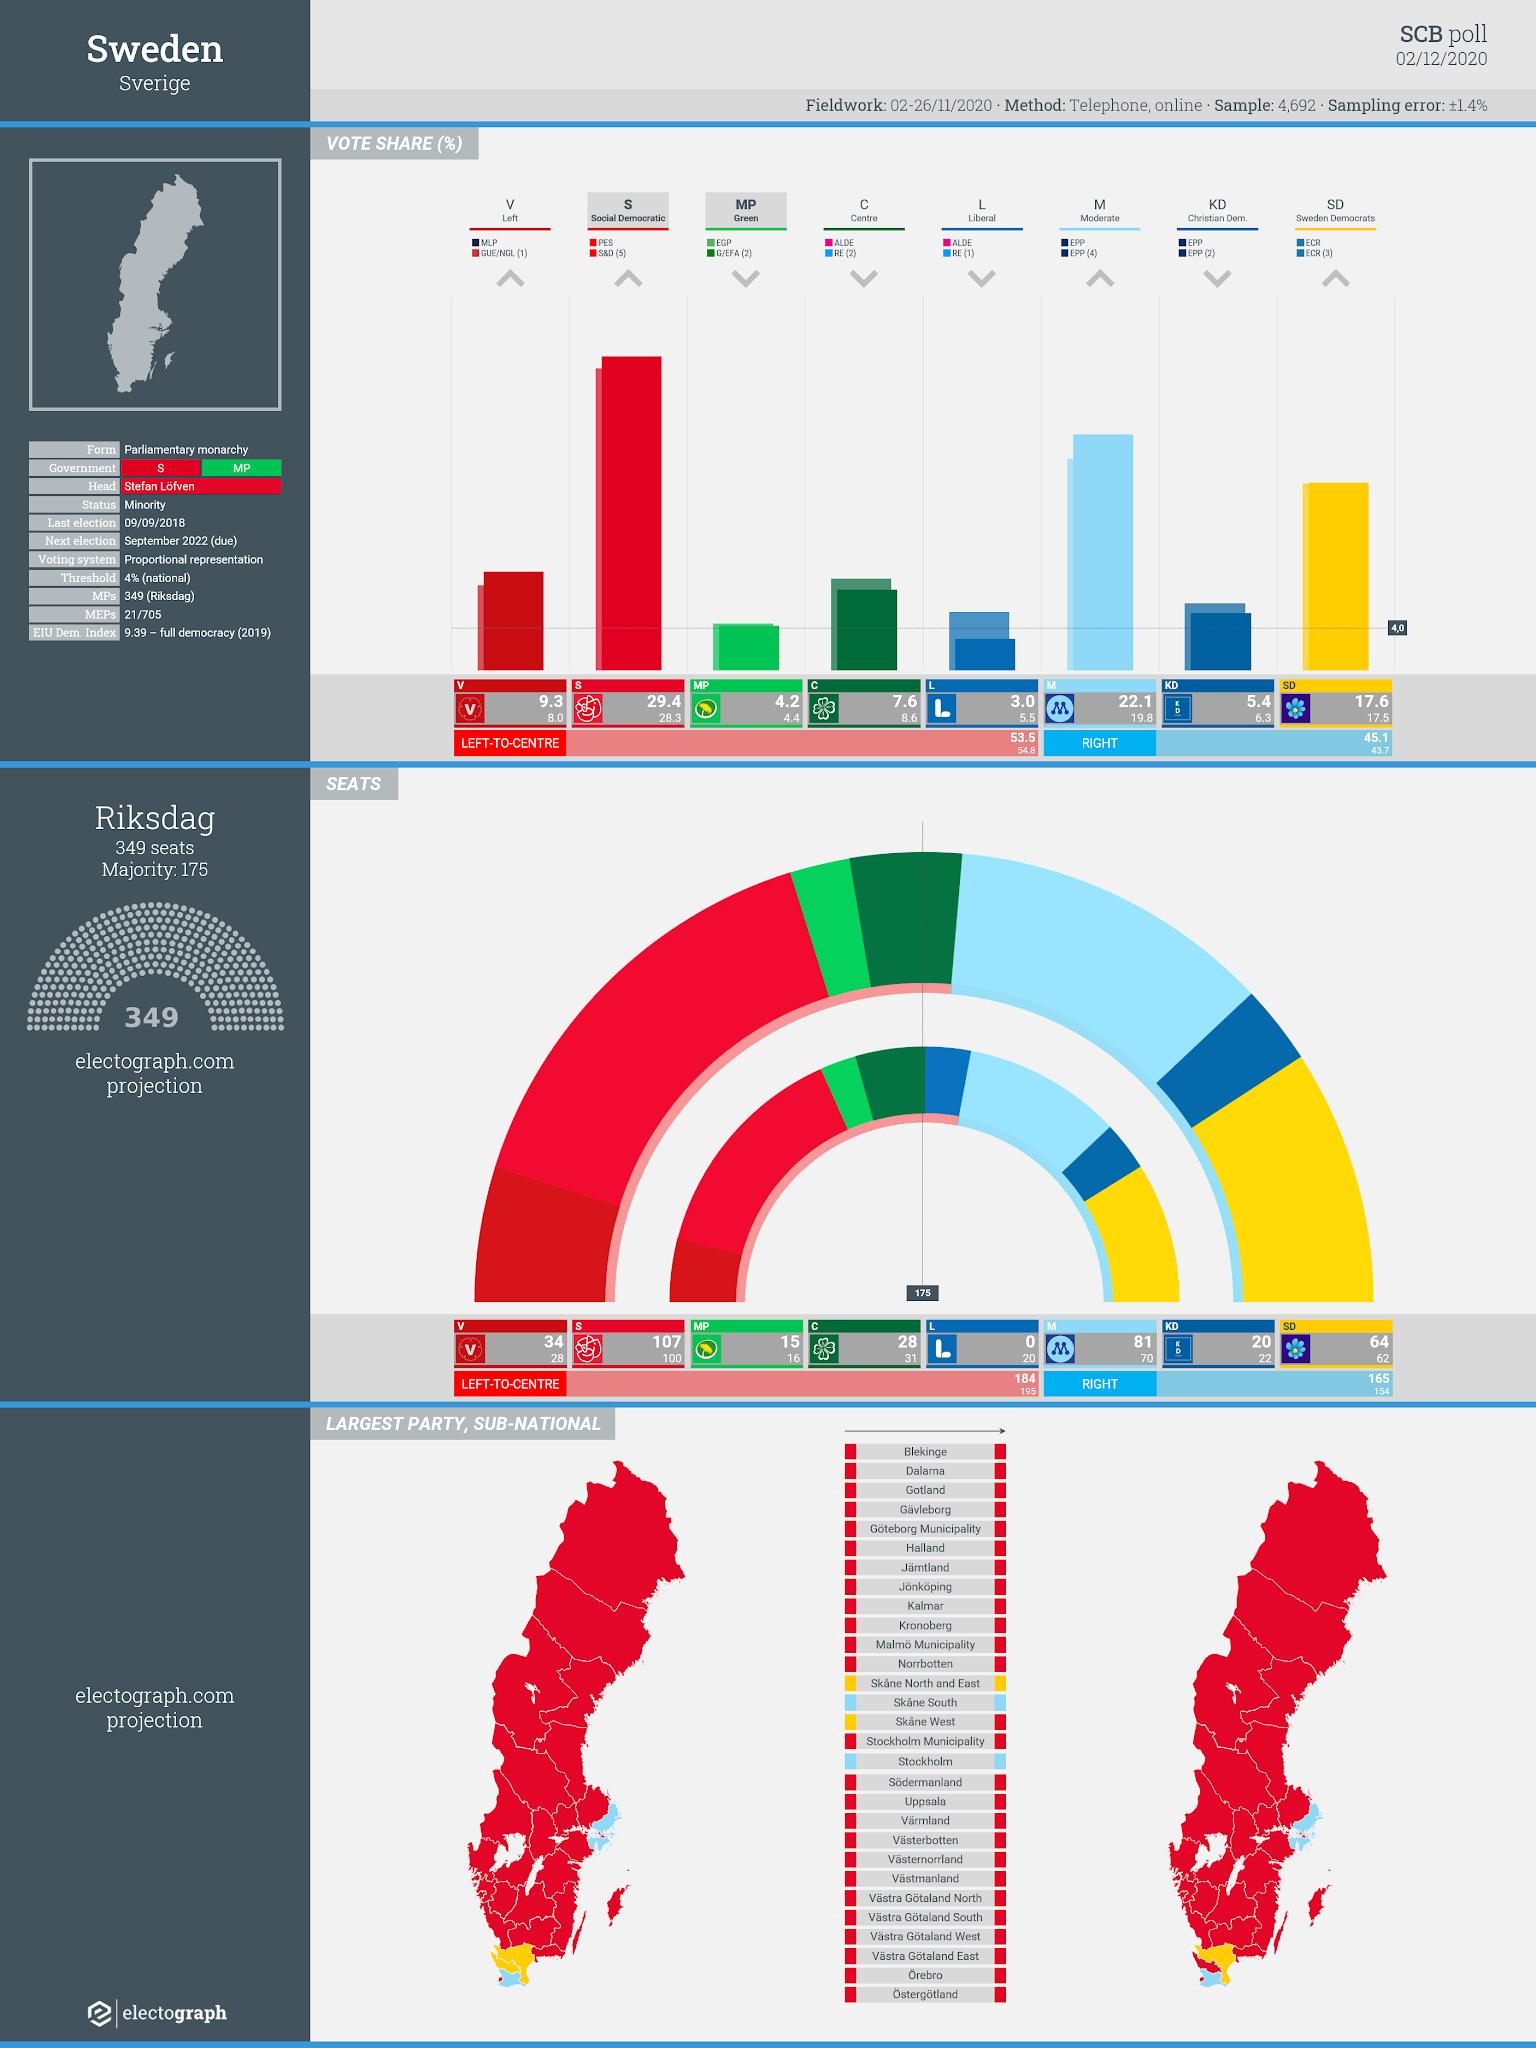 SWEDEN: SCB poll chart, 2 December 2020